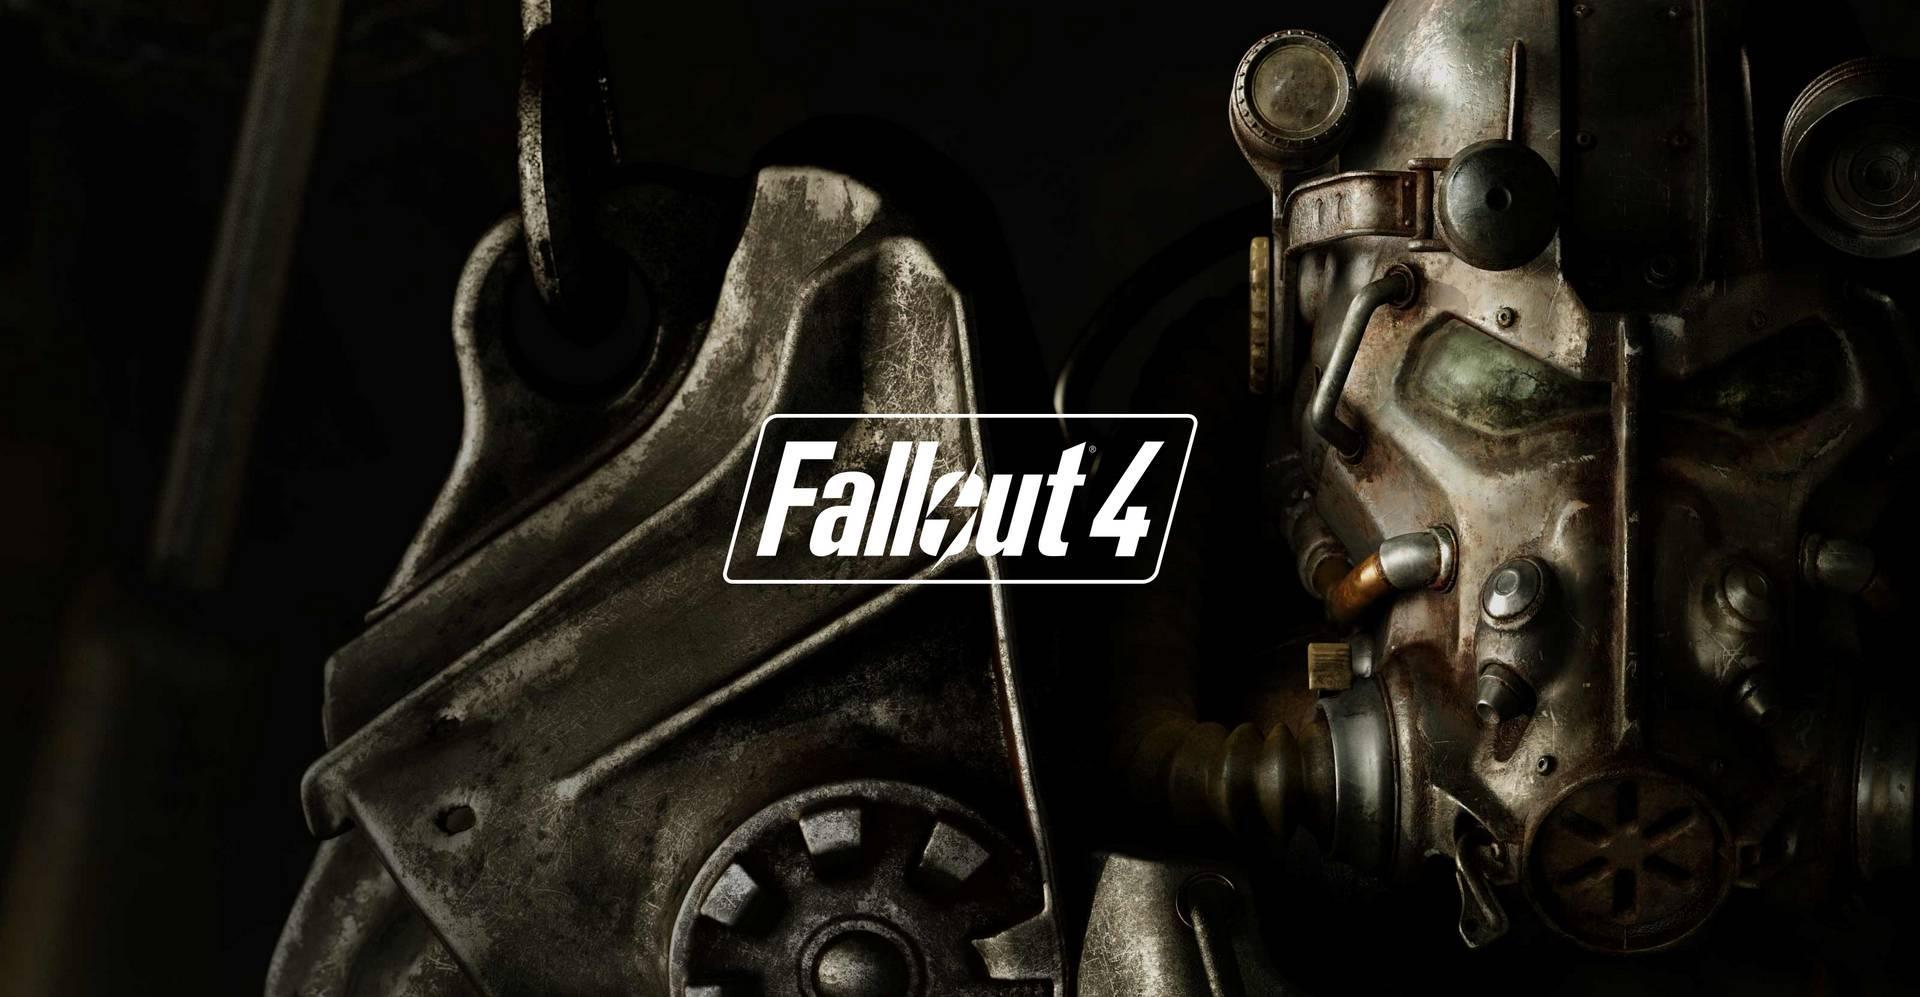 Fallout 4 karatasi la kupamba ukuta